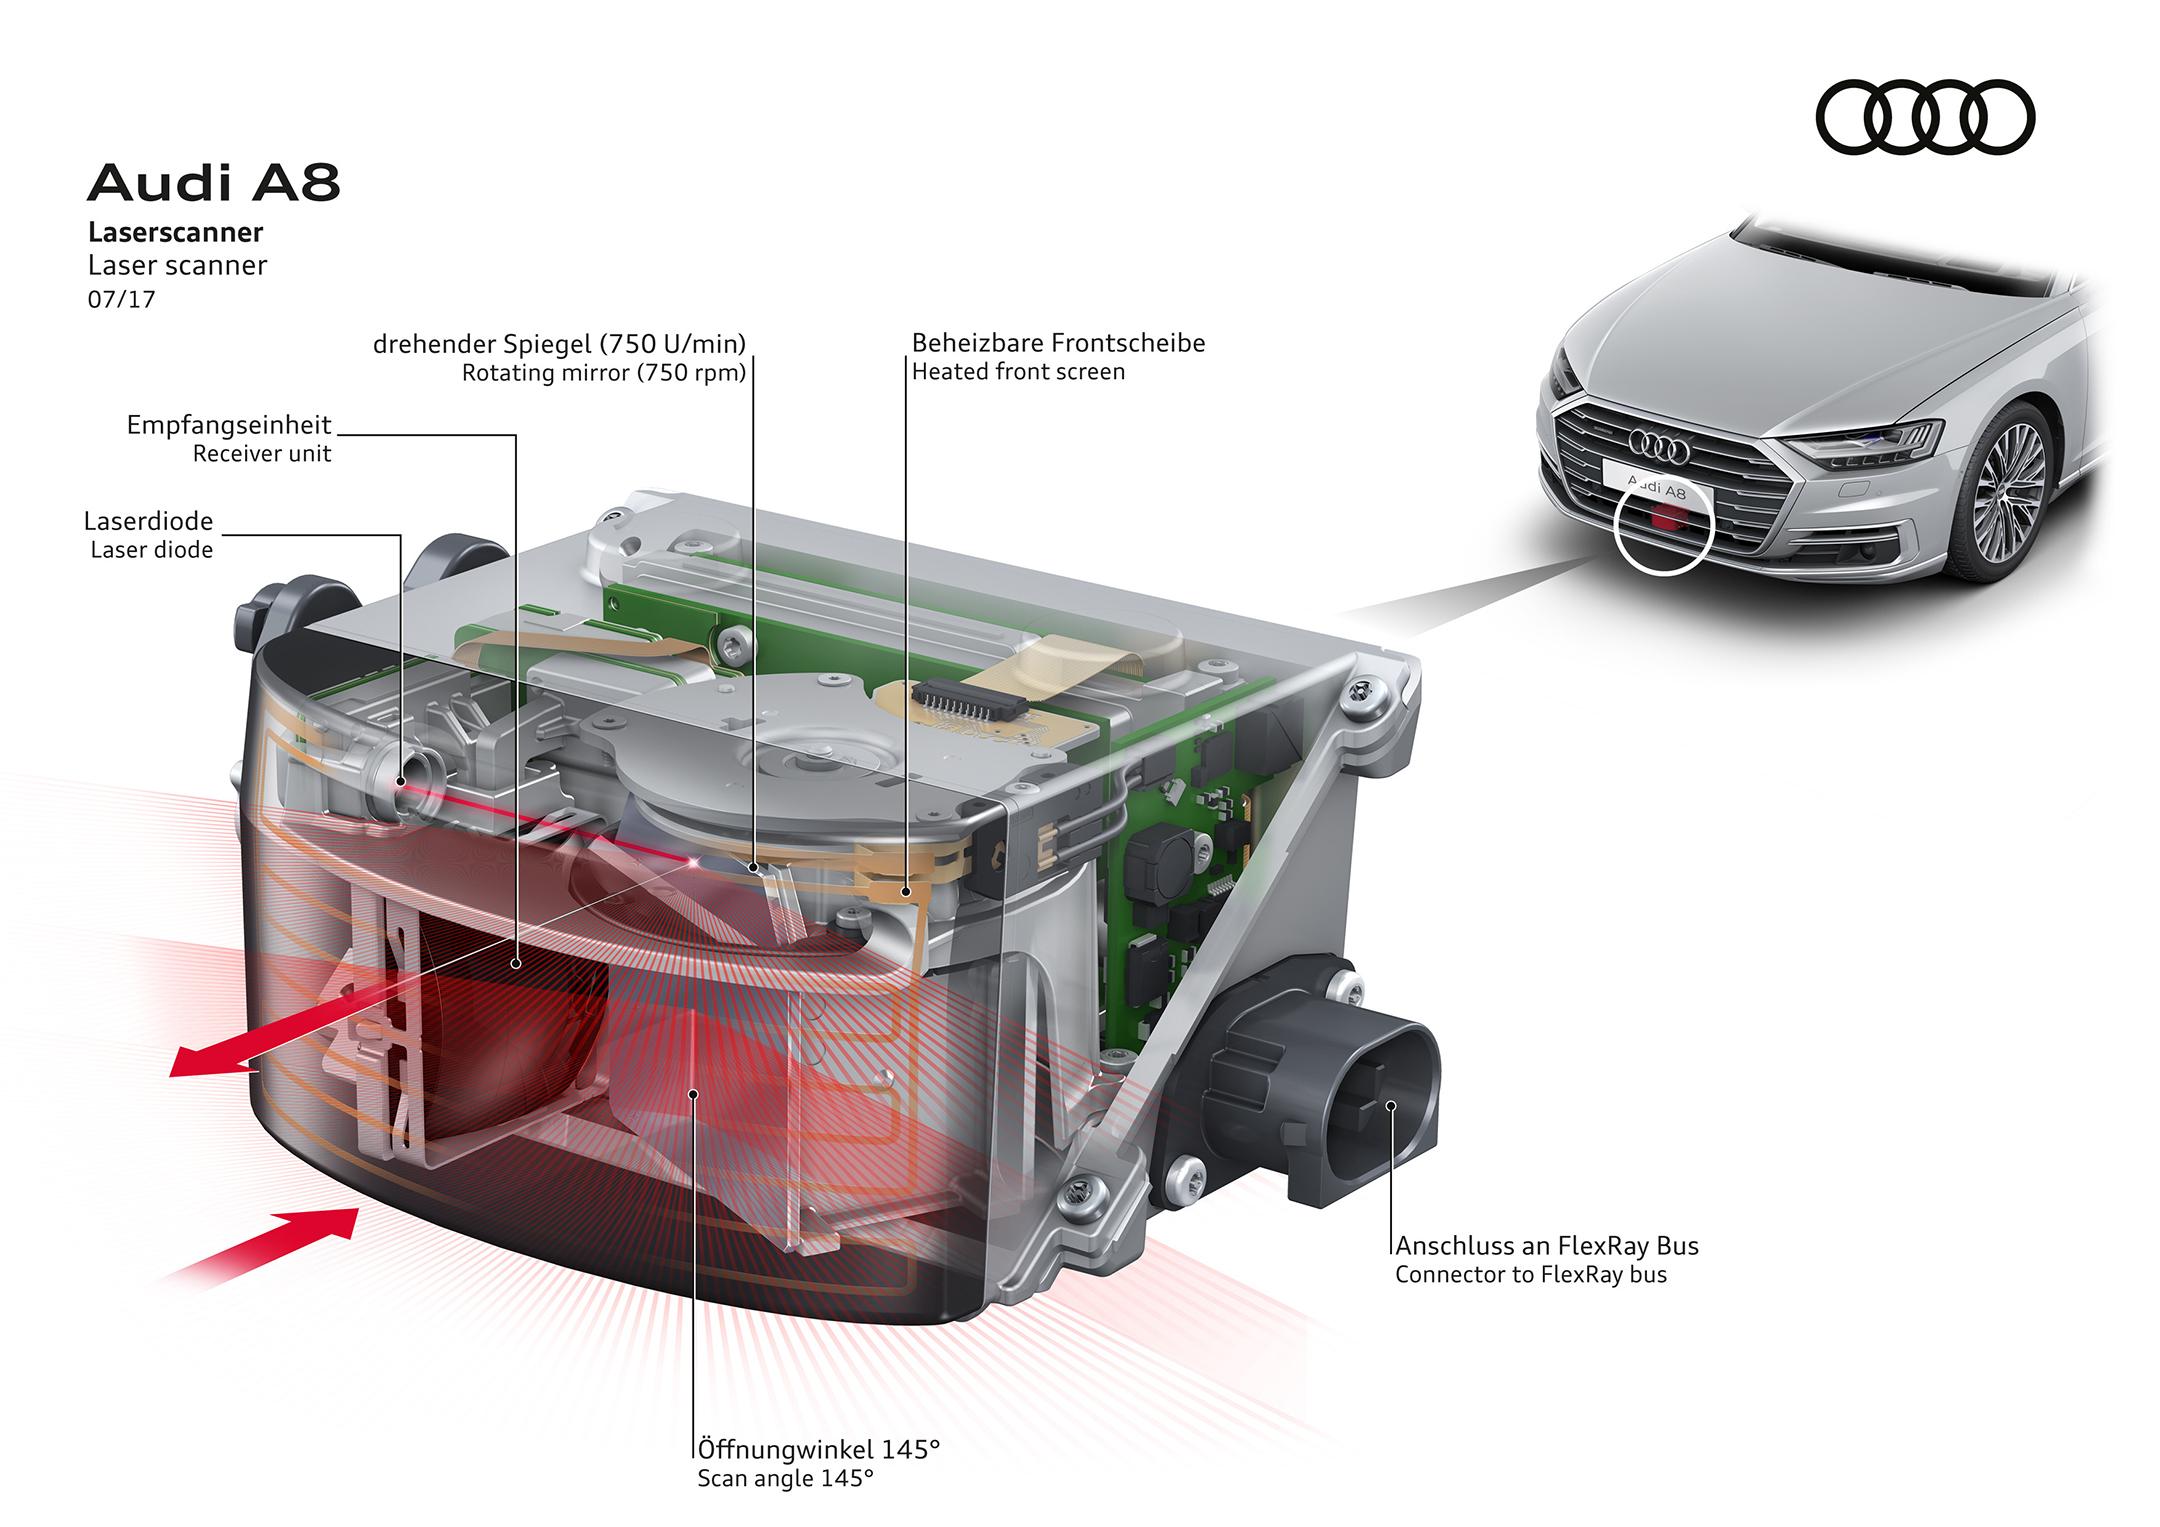 Audi A8 - 2017 - LIDAR